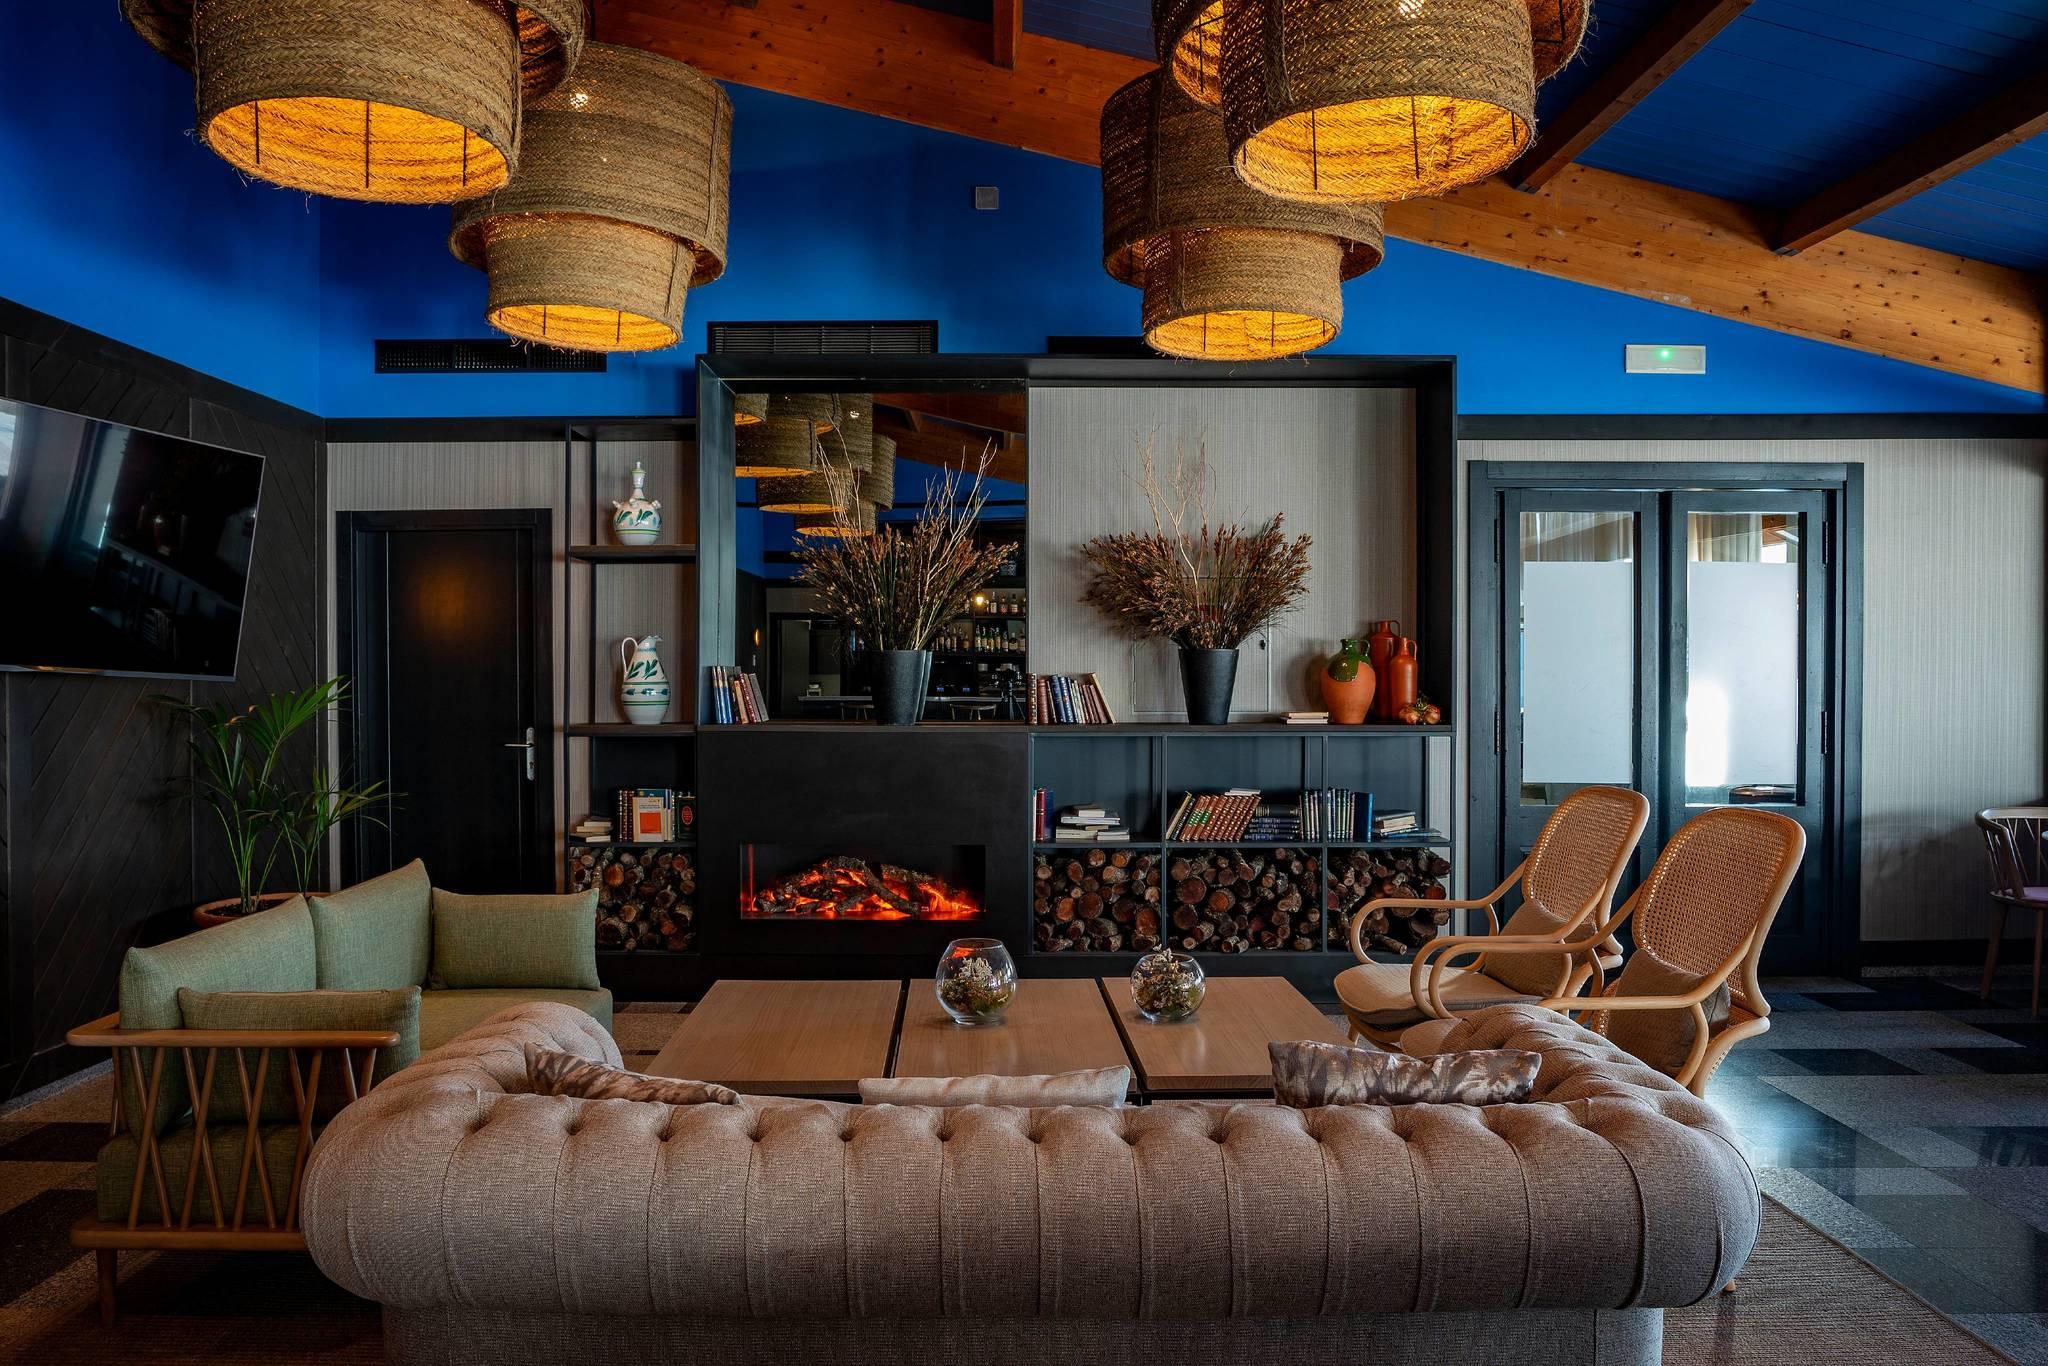 La cafetería con chimenea y originales lámparas de yute.